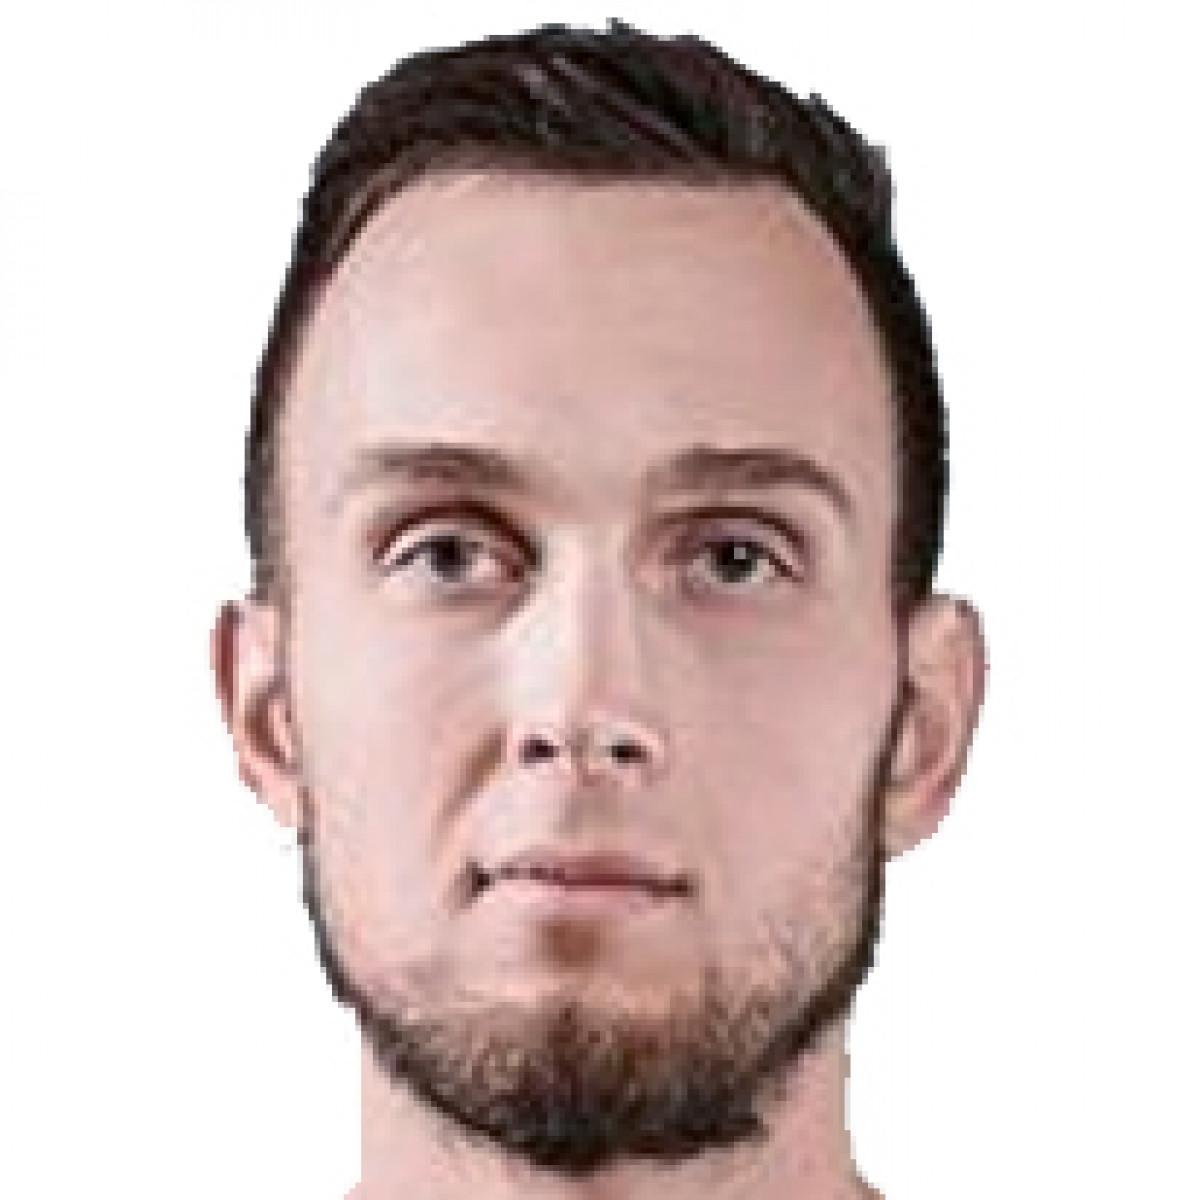 Szymon Milczynski